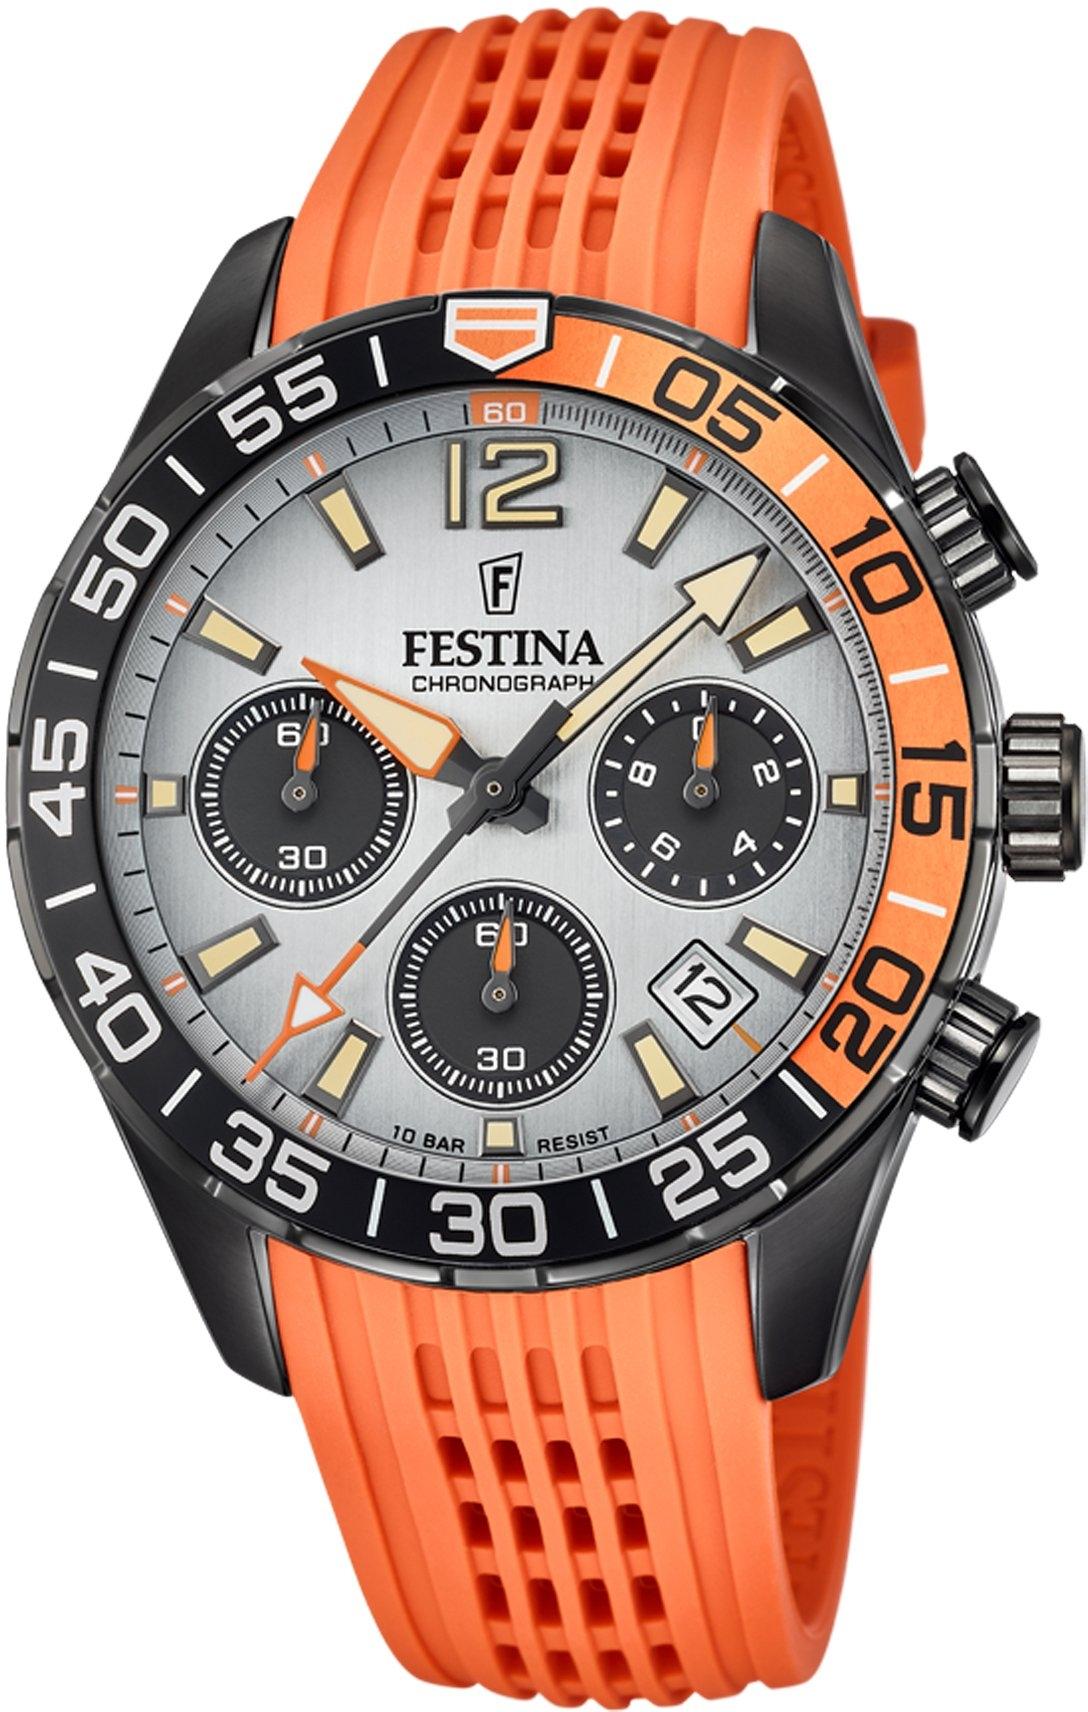 Festina chronograaf »F20518/1« voordelig en veilig online kopen